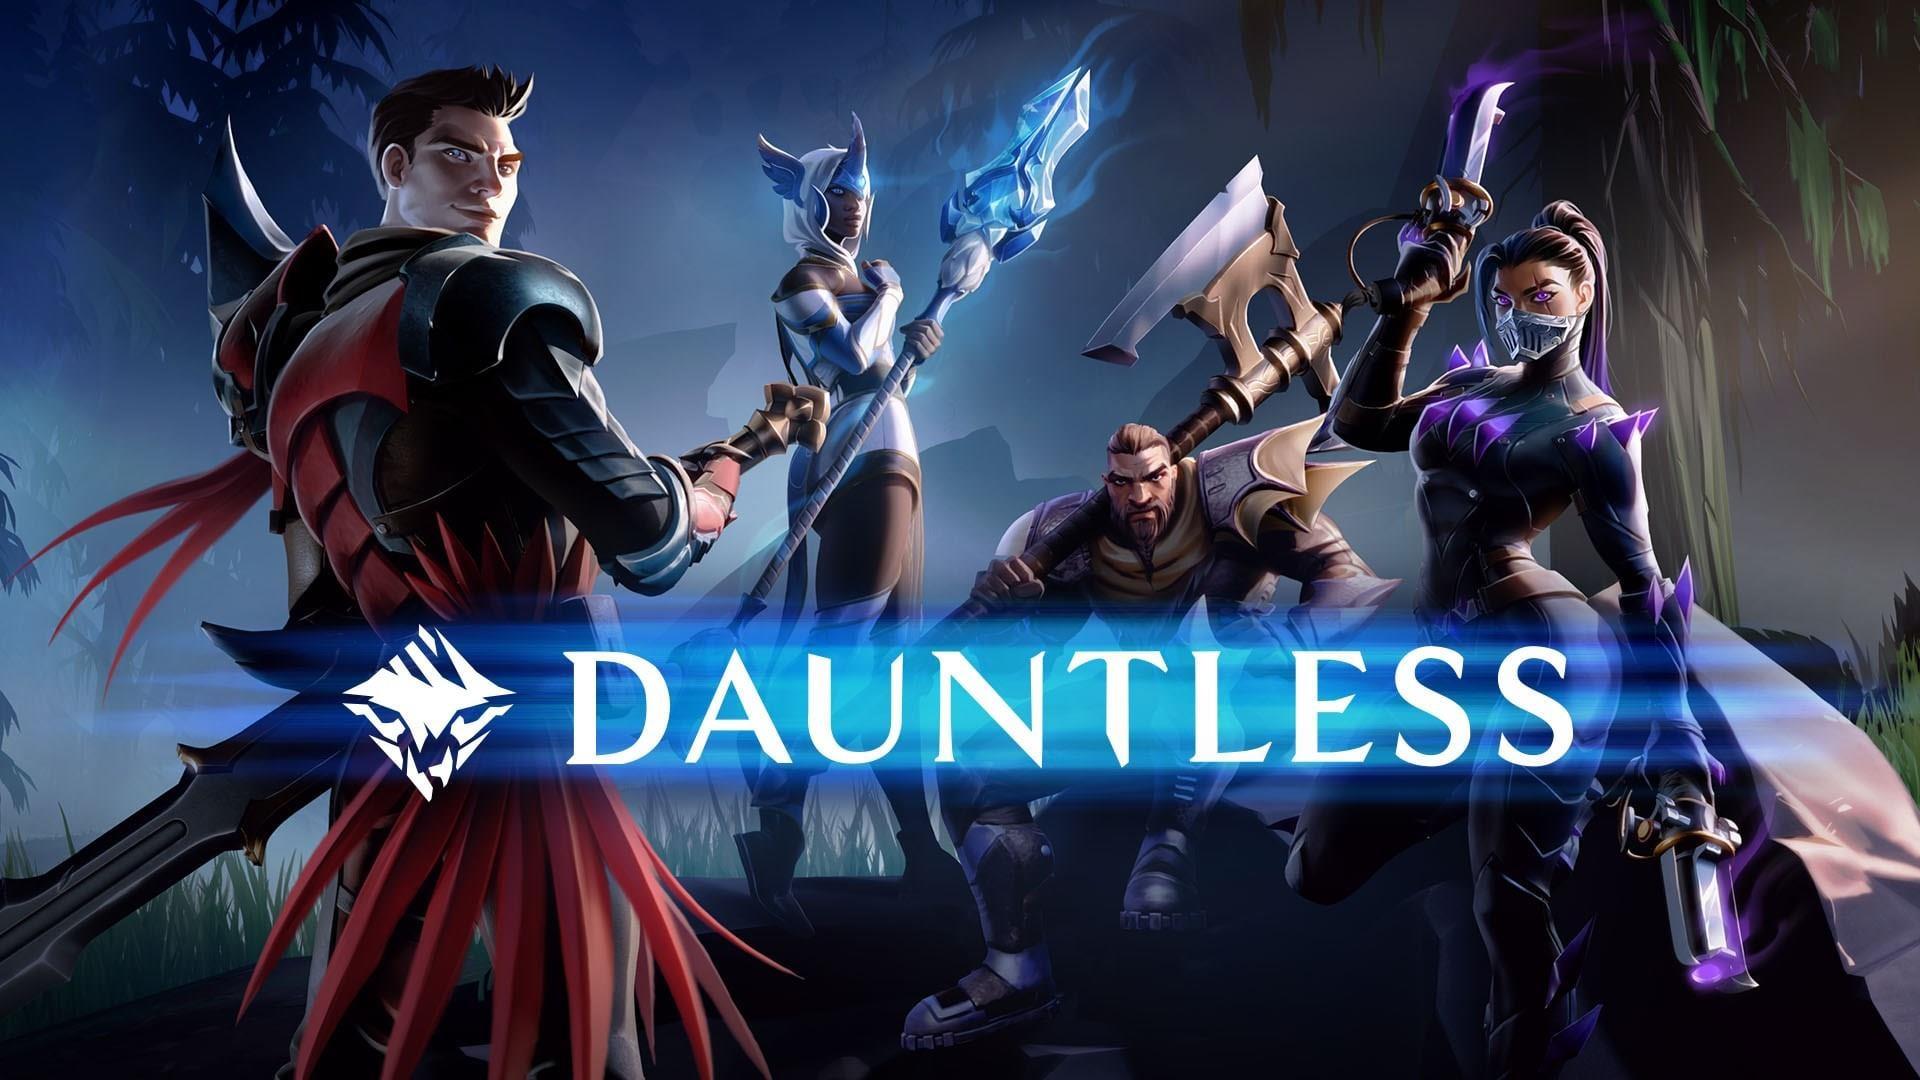 モンハン風アクションRPG『Dauntless』基本プレイ無料で正式サービスが開始!